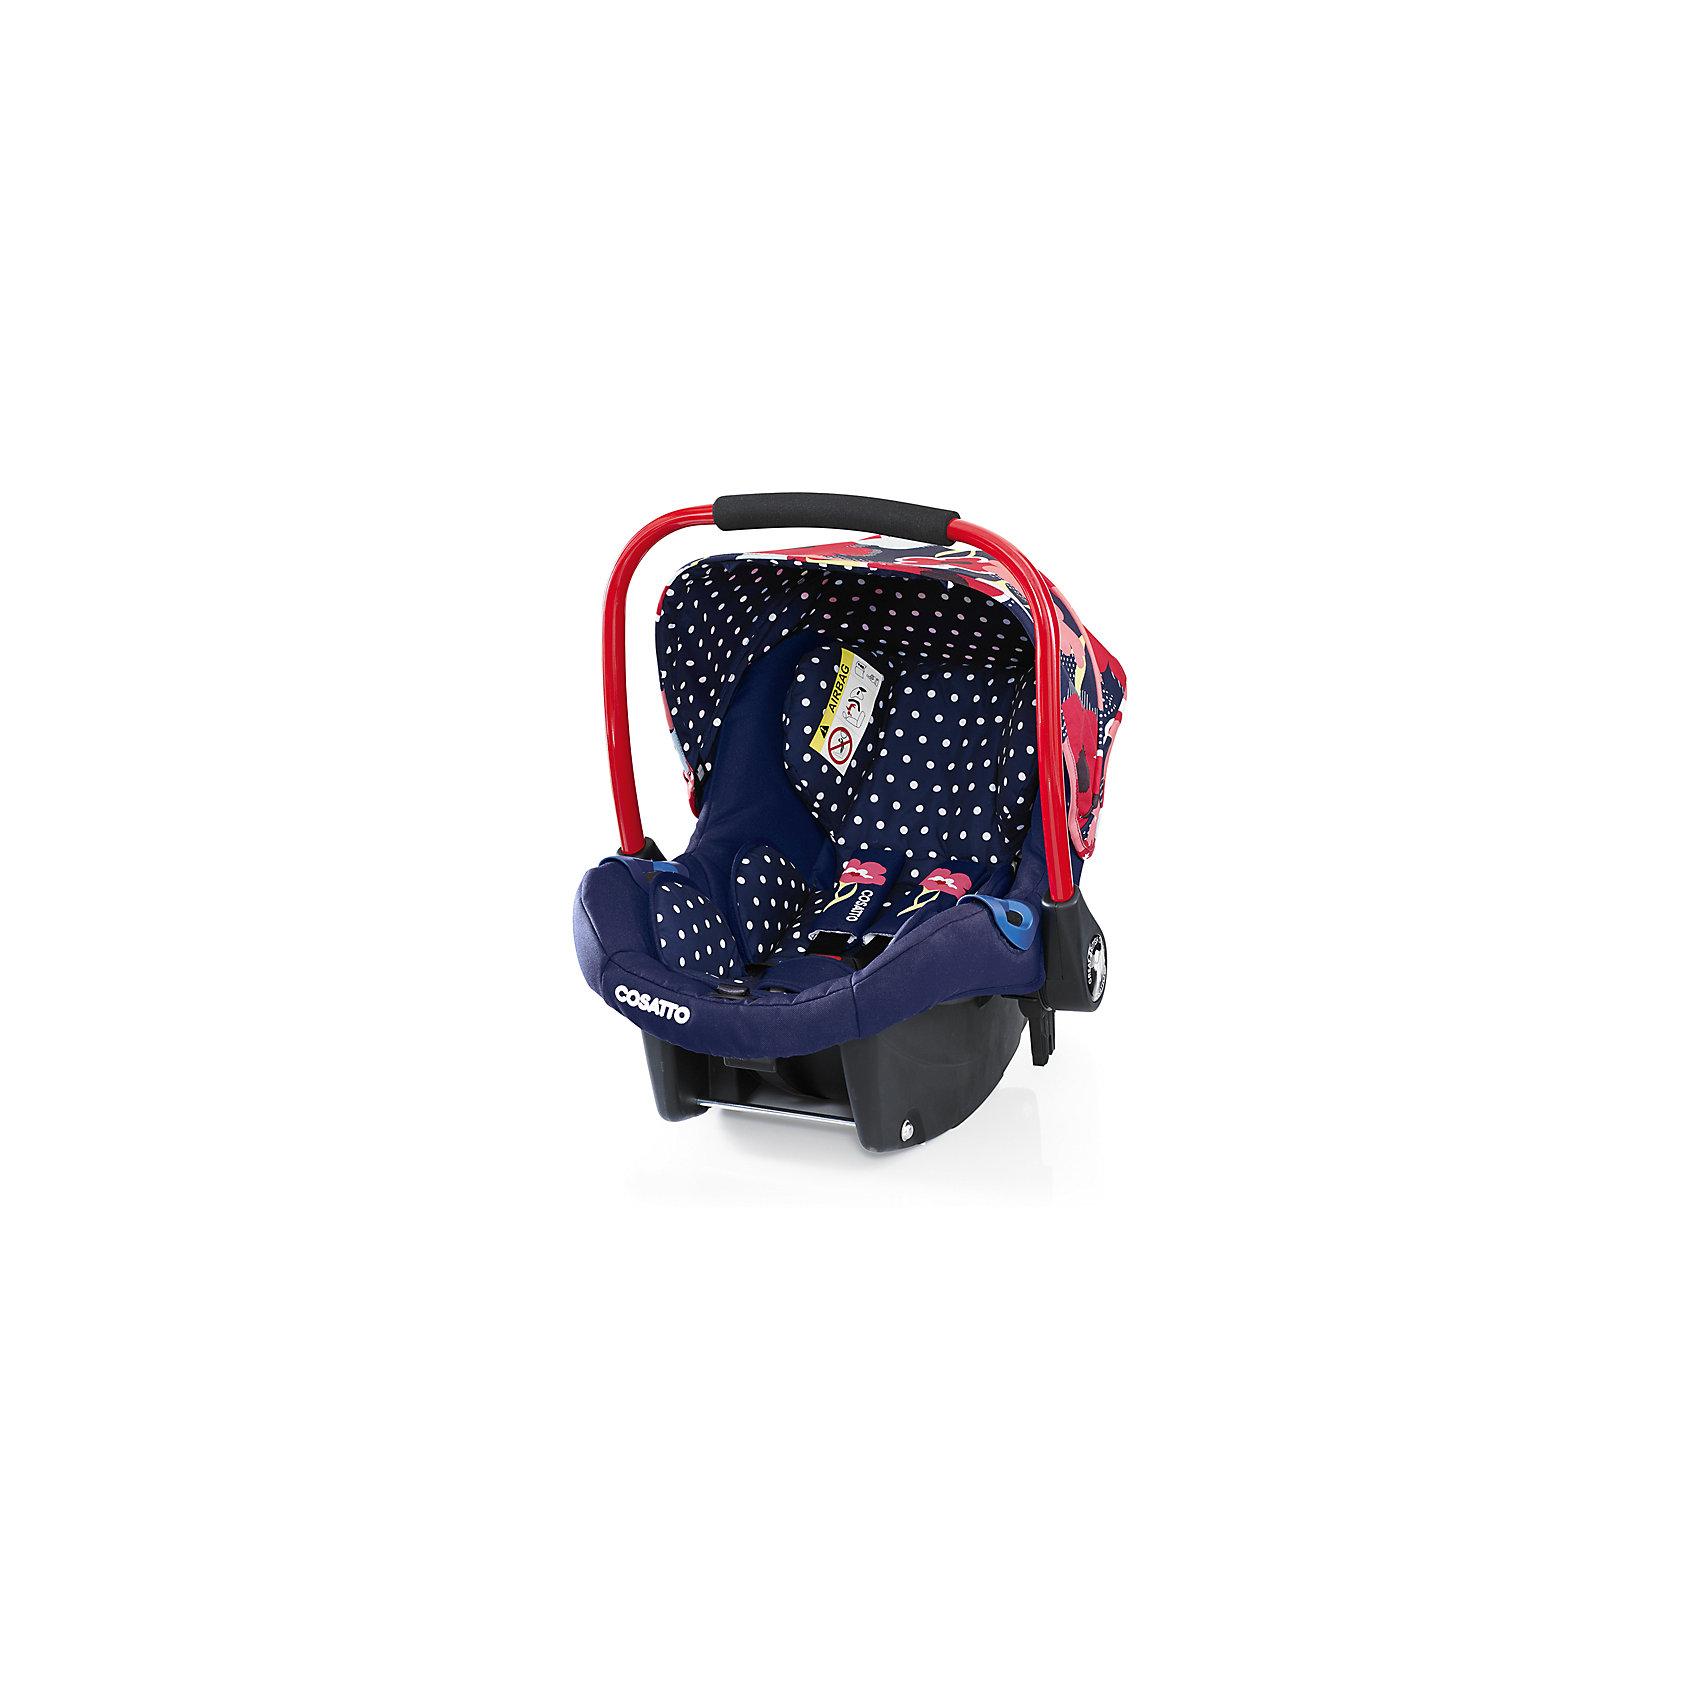 Автокресло Cosatto Port, 0-13 кг., Proper PoppyГруппа 0+ (До 13 кг)<br>Характеристики:<br><br>• группа: 0+;<br>• вес ребенка: до 13 кг;<br>• возраст: от рождения до 18 месяцев;<br>• соответствует нормам безопасности  ECE R44/04;<br>• установка: против хода движения автомобиля;<br>• может крепиться штатным автомобильным ремнем или устанавливаться на одну из баз Cosatto (Isofix и для 3-точечного ремня);<br>• совместимо с шасси колясок Cosatto Ooba, Fly, Wish, Wow, Woop;<br>• можно использовать как переноску или люльку;<br>• 3-точечные внутренние ремни имеют 2 положения;<br>• плечевые и нагрудные подушечки;<br>• анатомический вкладыш;<br>• специальная подушка для головы;<br>• усиленная боковая защита;<br>• ударопрочный пластик;<br>• солнцезащитный съемный козырек из ткани;<br>• ручка для переноски;<br>• сзади расположен бардачок;<br>• гипоаллергенный материал обивки;<br>• съемный чехол можно стирать при температуре 30 градусов;<br>• материал: пластик, полиэстер.<br><br>Габариты автокресла: 70х60х44 см.<br>Вес автокресла: 3 кг.<br><br>Автокресло разработано для безопасной перевозки малышей в салоне автомобиля. Представленную модель можно использовать не только как авто-люльку, а и устанавливать на шасси коляски, что очень удобно на прогулке за городом. Продуманная до мелочей система безопасности максимально защищает малыша во время движения. Автокресло устанавливается на сиденье и крепится при помощи штатного ремня безопасности автомобиля либо устанавливается на специальную базу (приобретается отдельно). <br><br>Автокресло Port 0-13 кг., Cosatto, Proper Poppy можно купить в нашем интернет-магазине.<br><br>Ширина мм: 750<br>Глубина мм: 450<br>Высота мм: 390<br>Вес г: 6000<br>Возраст от месяцев: -2147483648<br>Возраст до месяцев: 2147483647<br>Пол: Унисекс<br>Возраст: Детский<br>SKU: 5629492